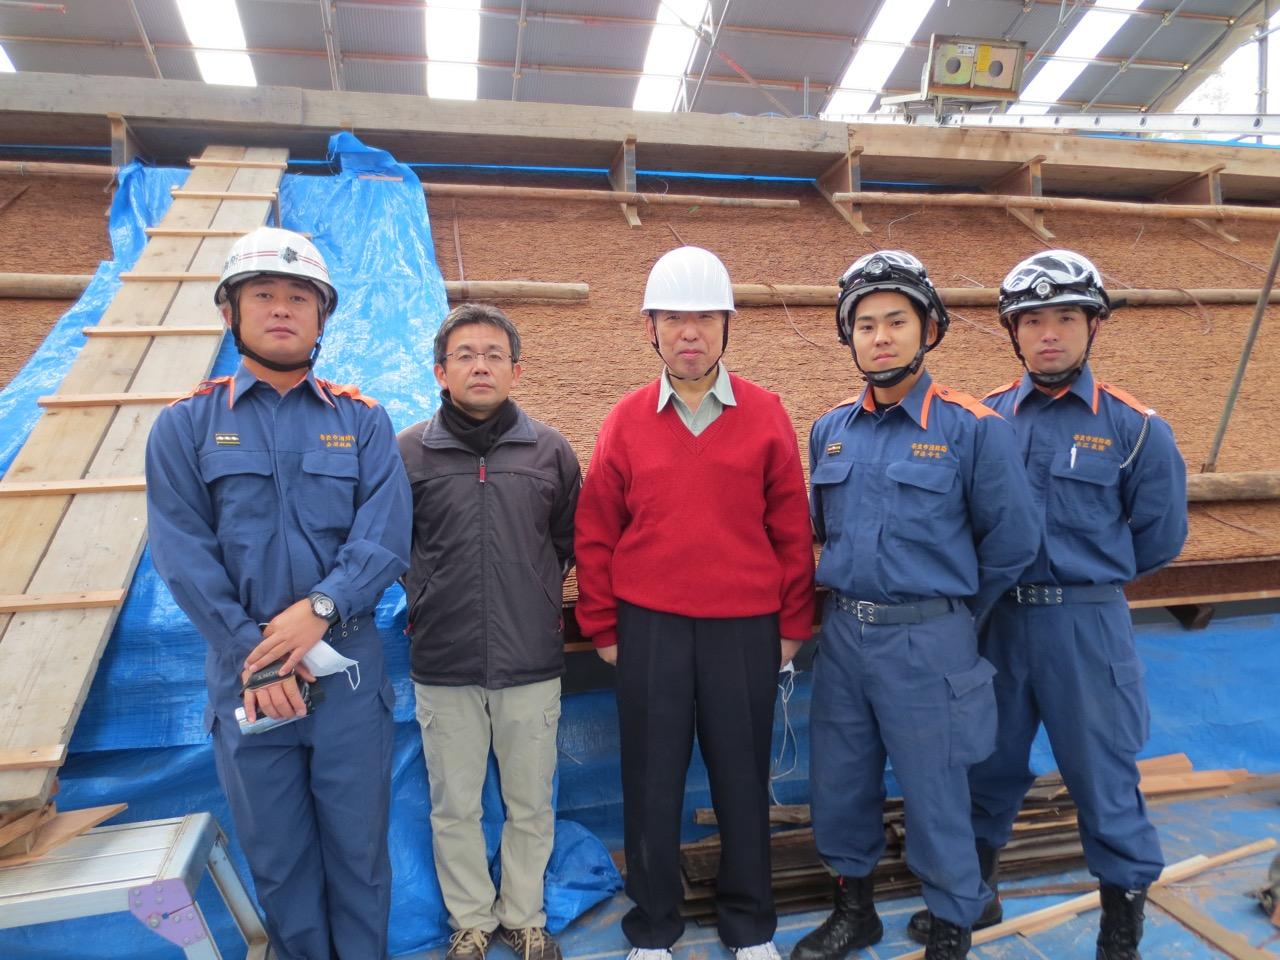 2012年には、奈良市消防局からの招聘で、春日大社の防火対策についての調査研究に参加、助言を行った。